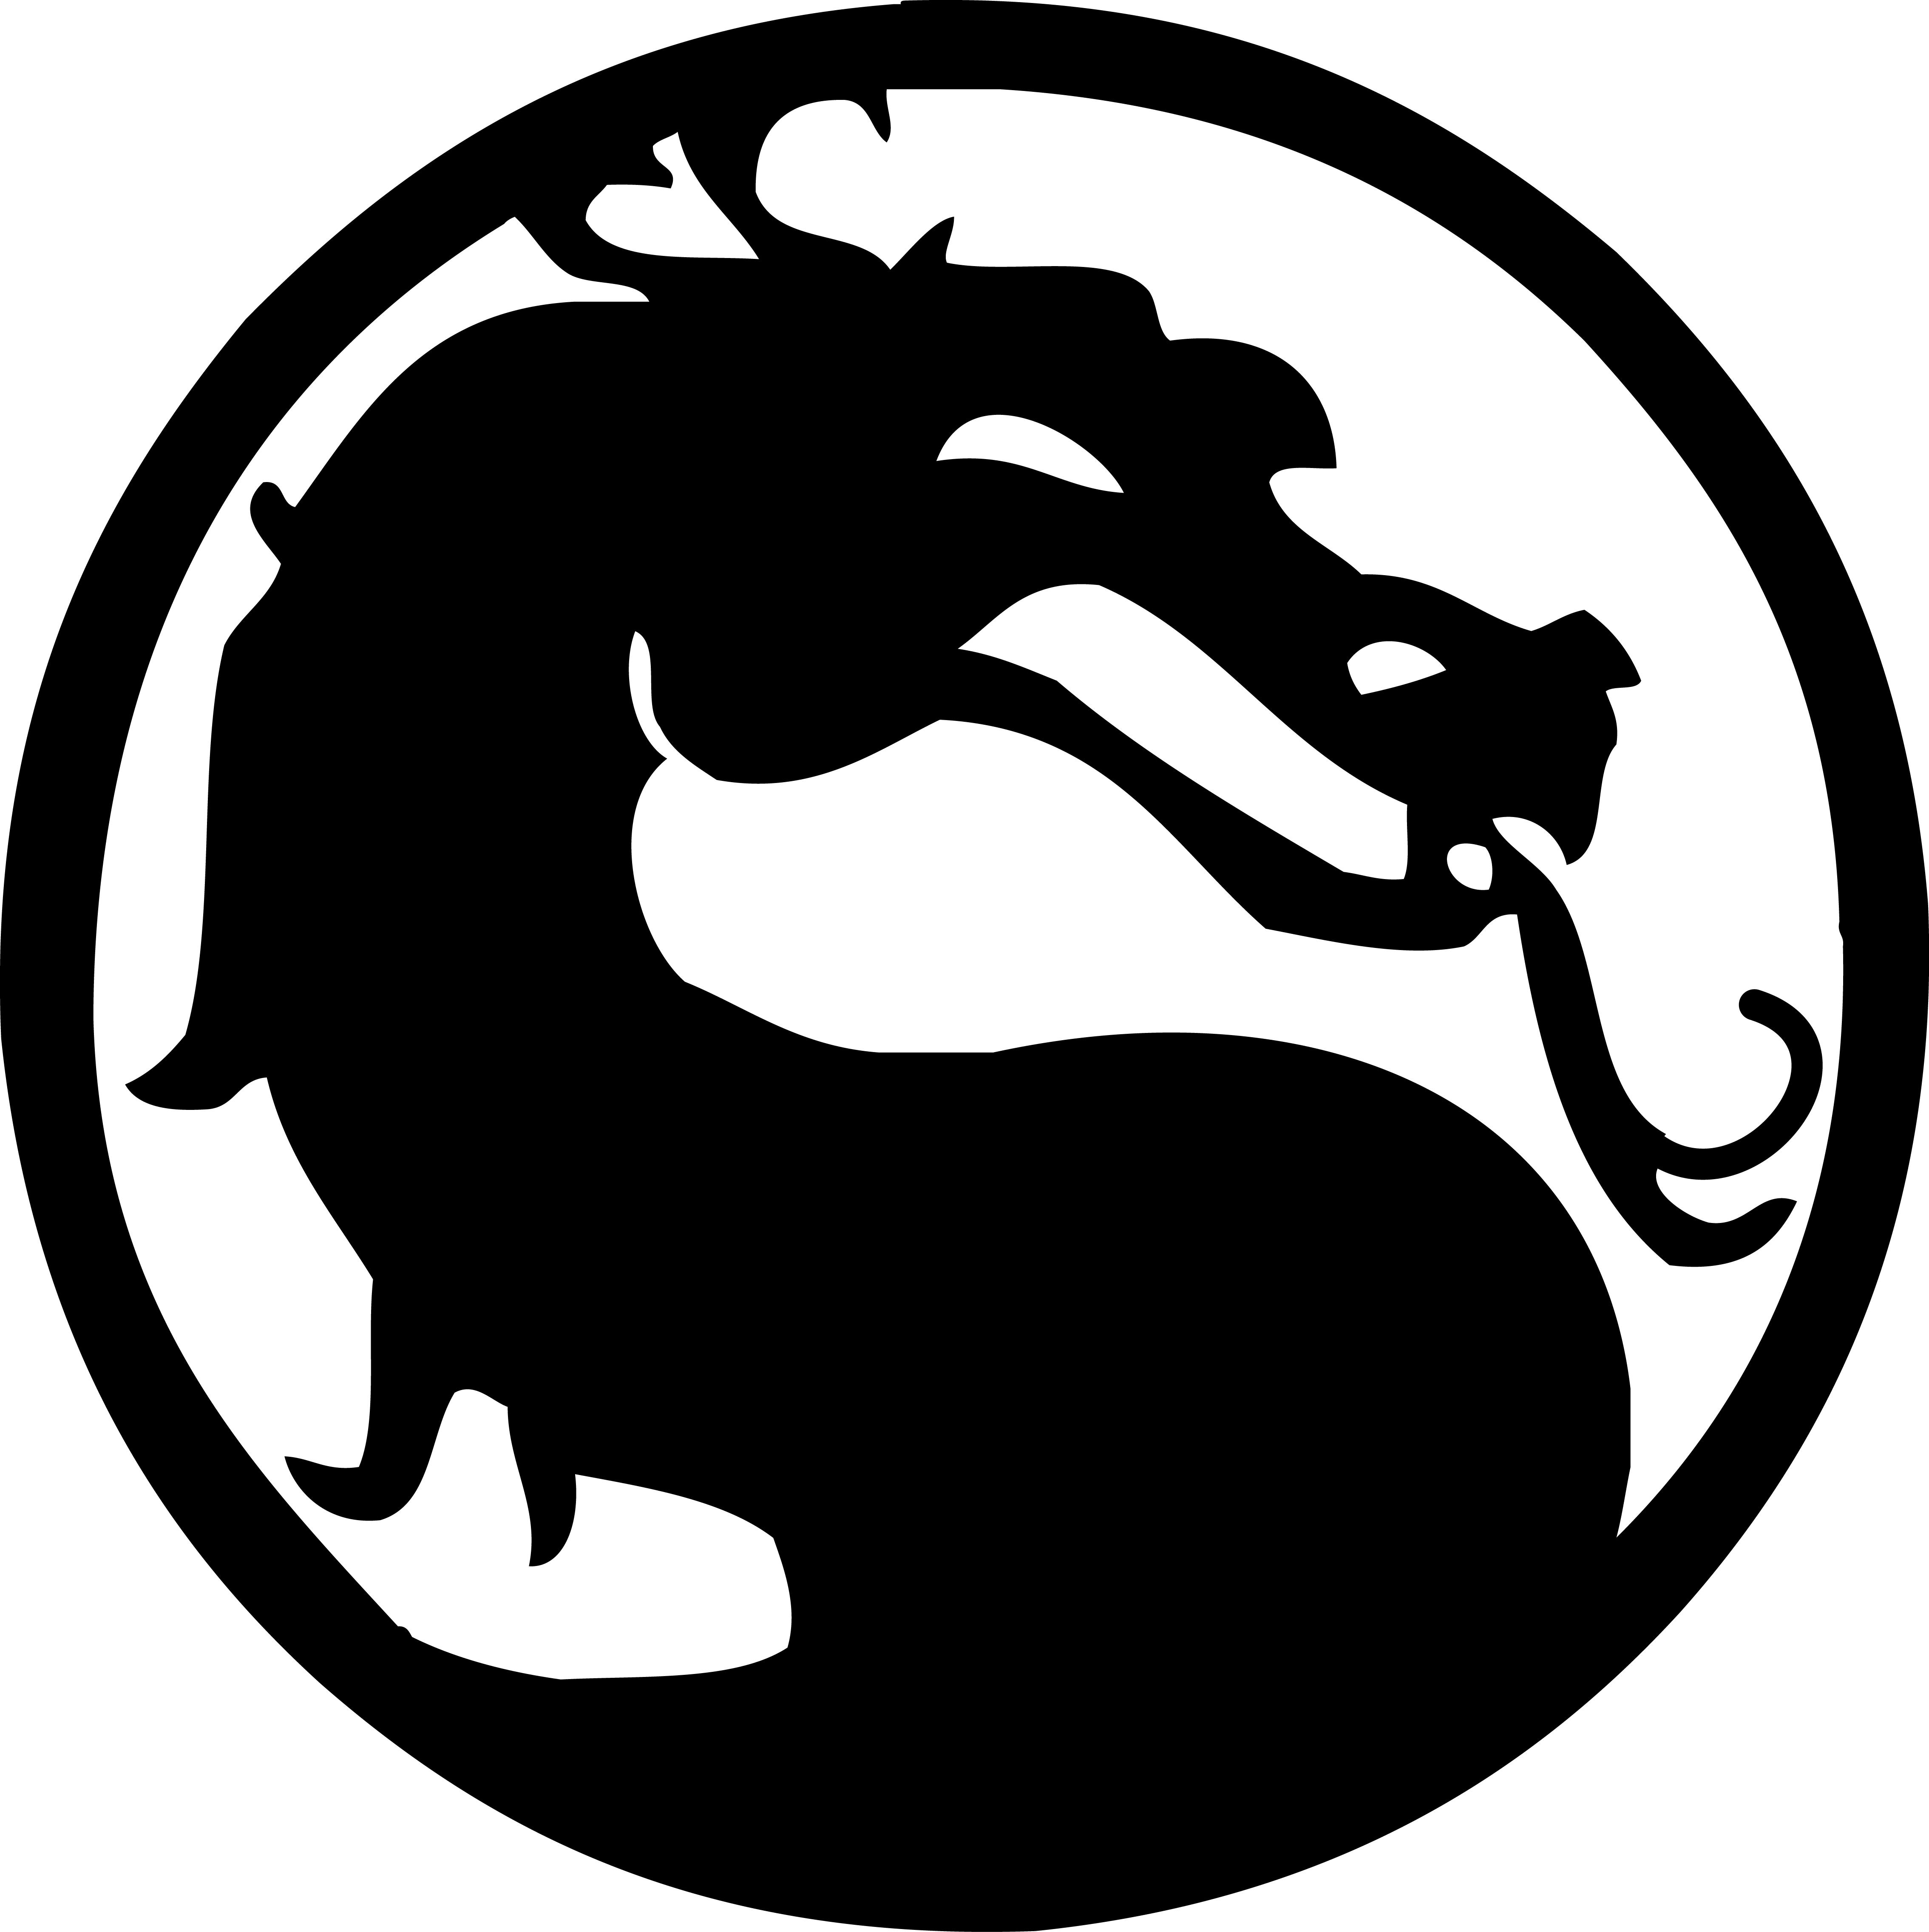 mortal_kombat_logo_vector_by_reptiletc-d3j6l9k.png